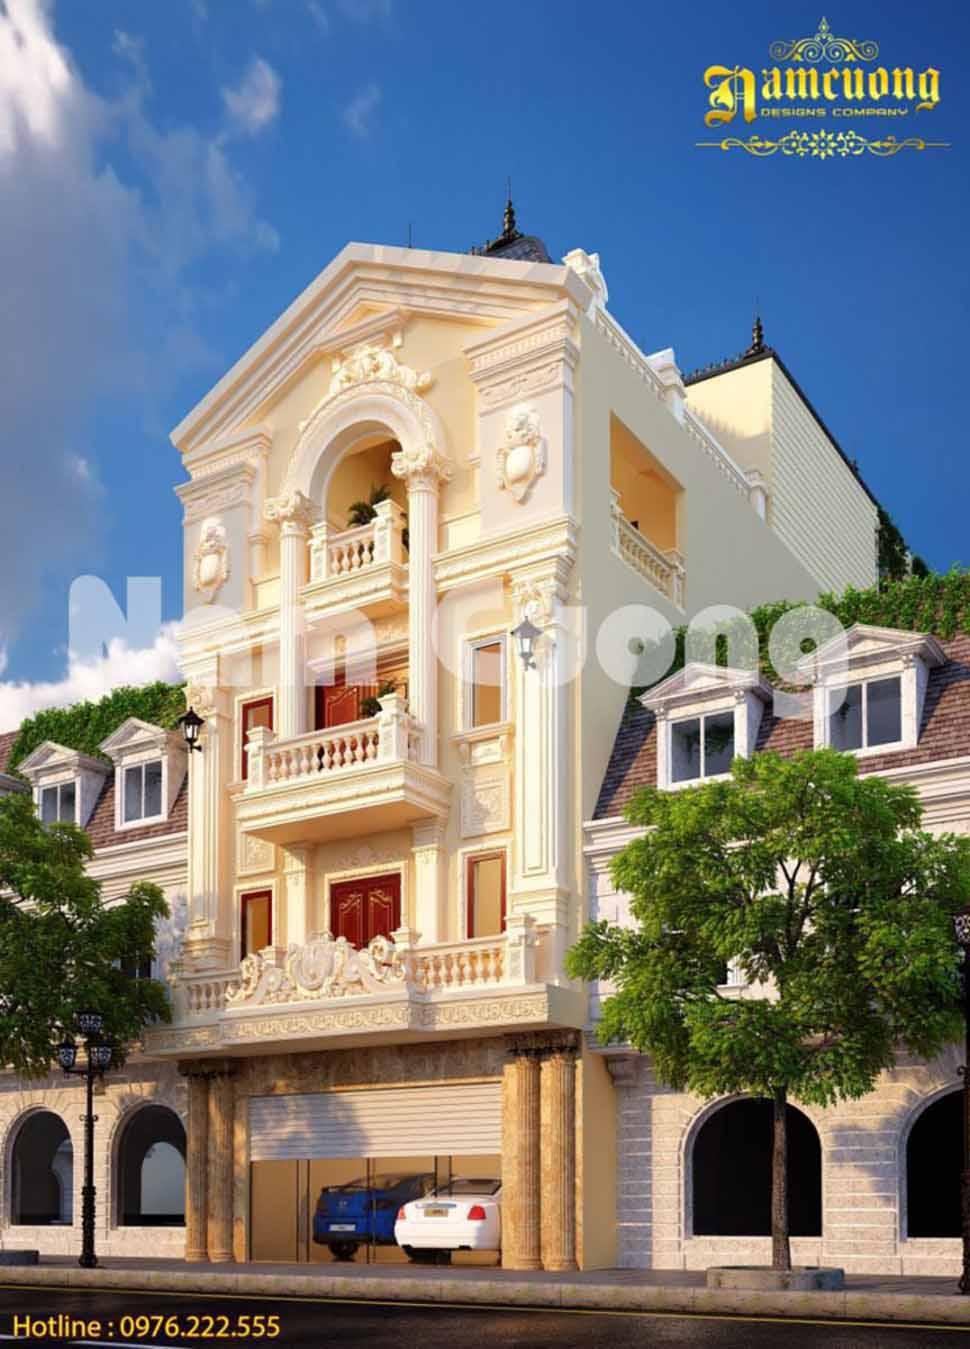 biệt thự tân cổ điển 4 tầng mái marsand tại Phú Yên